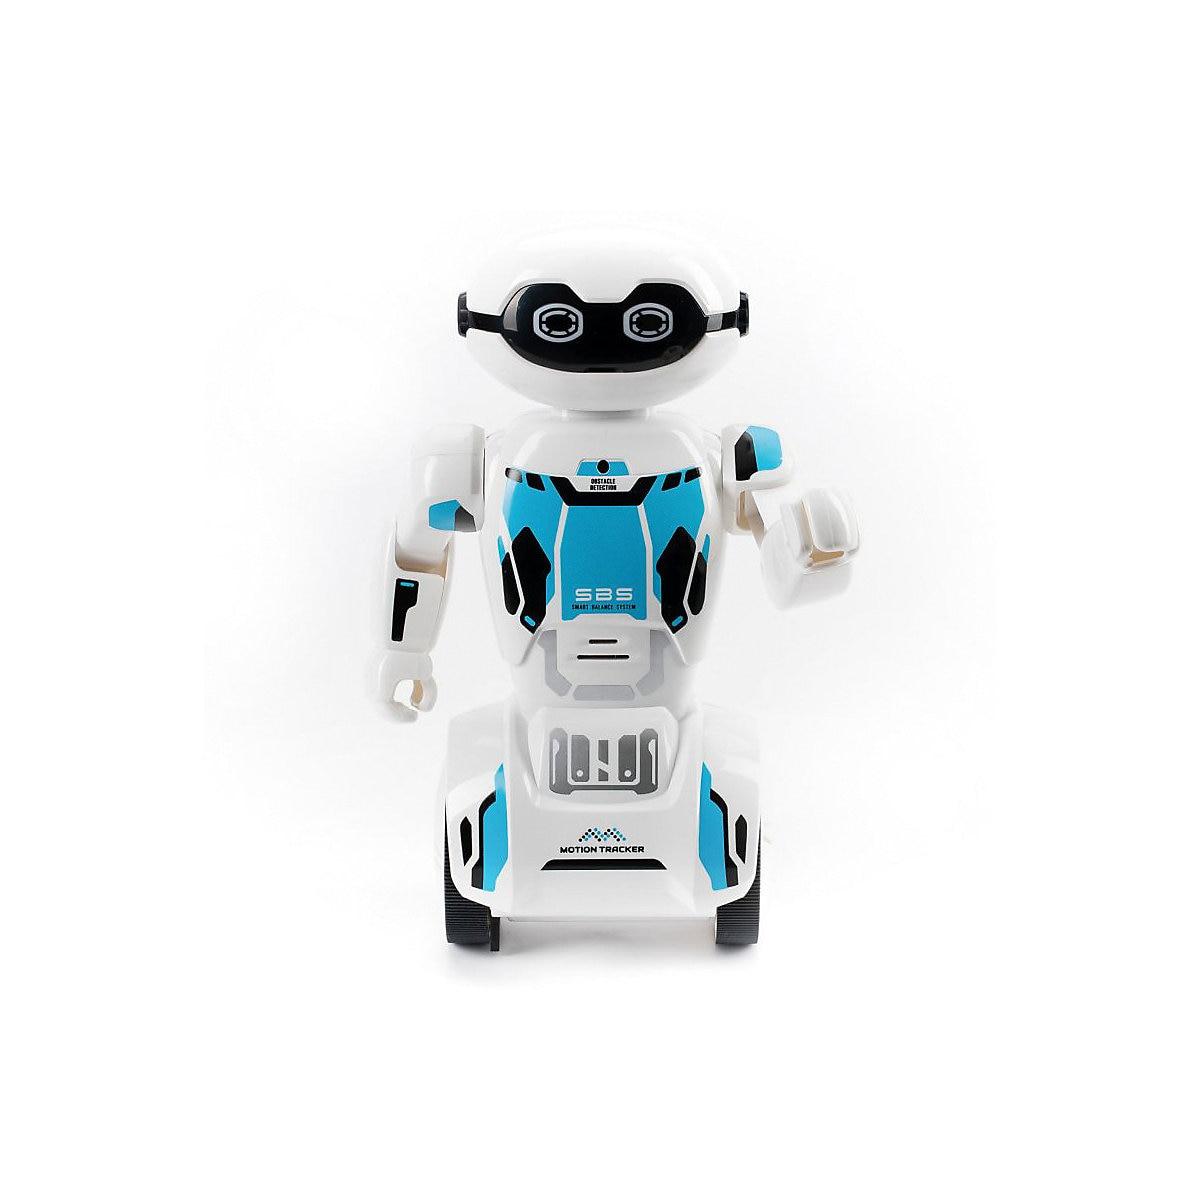 Silverlit Robot & Accessories1 200382145 Giocattoli di Controllo Remoto robotica smart con giochi di intelligenza